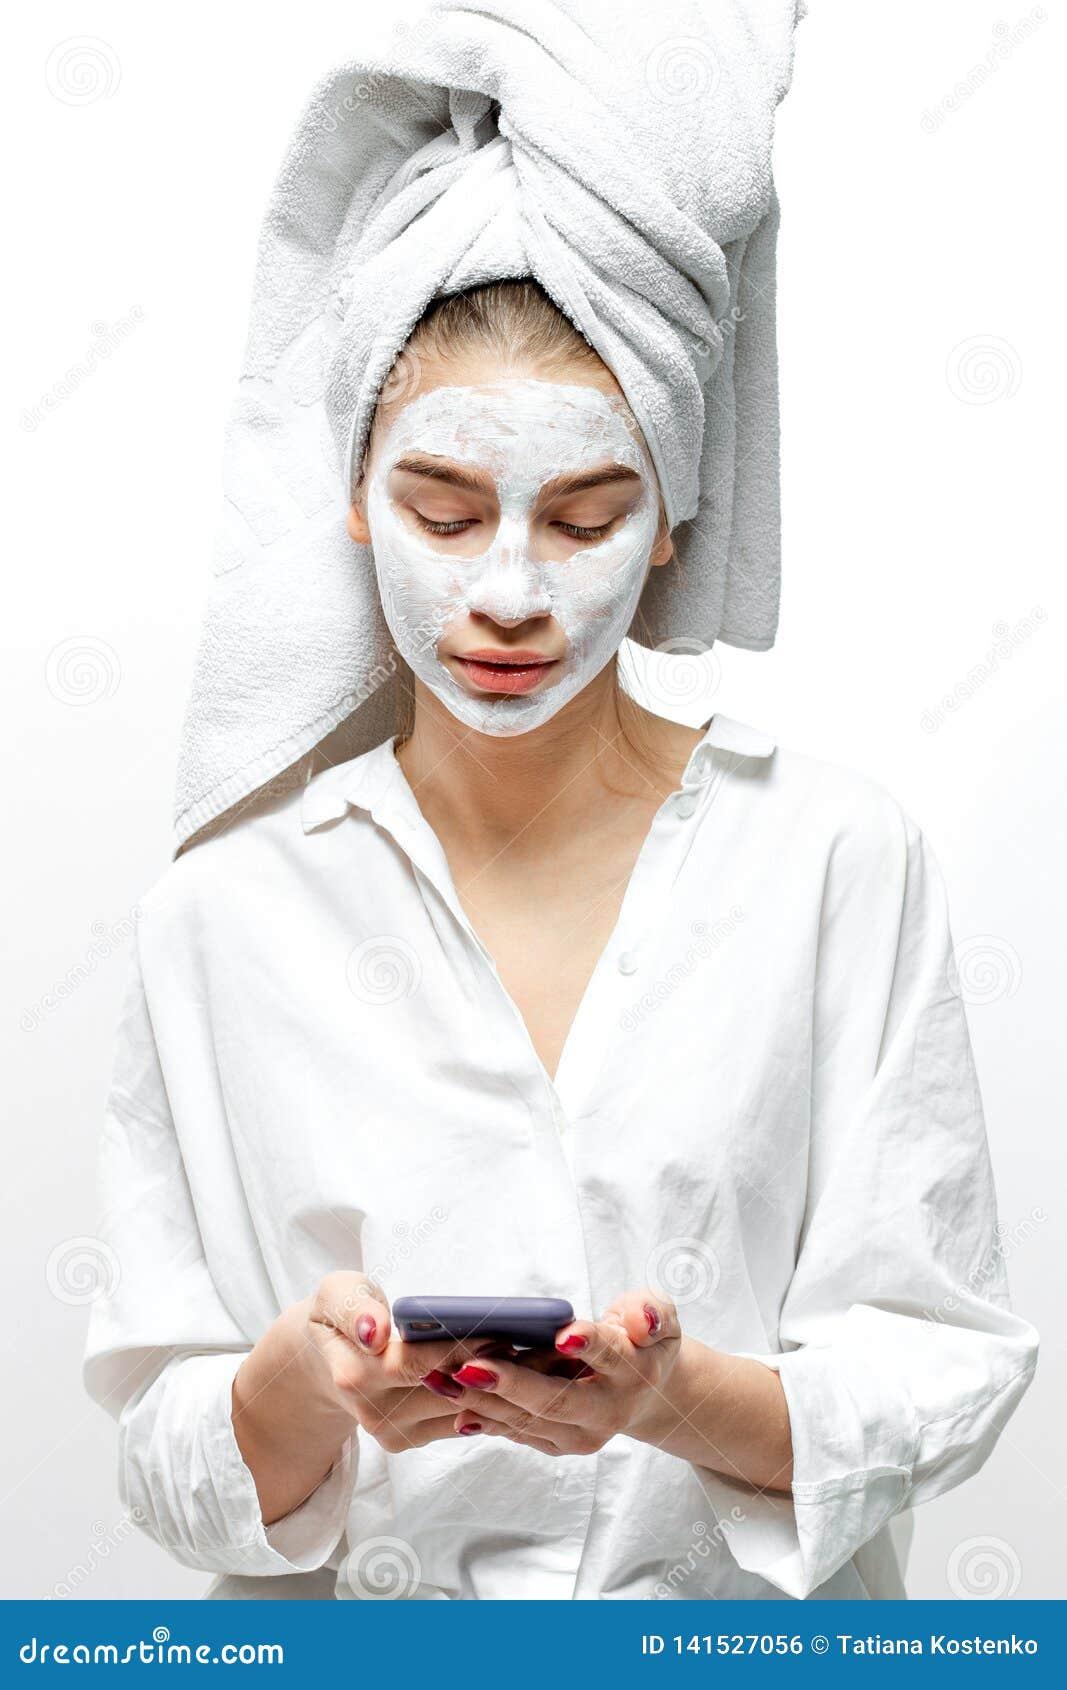 A jovem mulher bonita vestida na roupa branca com uma toalha branca em seu cabelo e máscara cosmética em sua cara guarda móvel